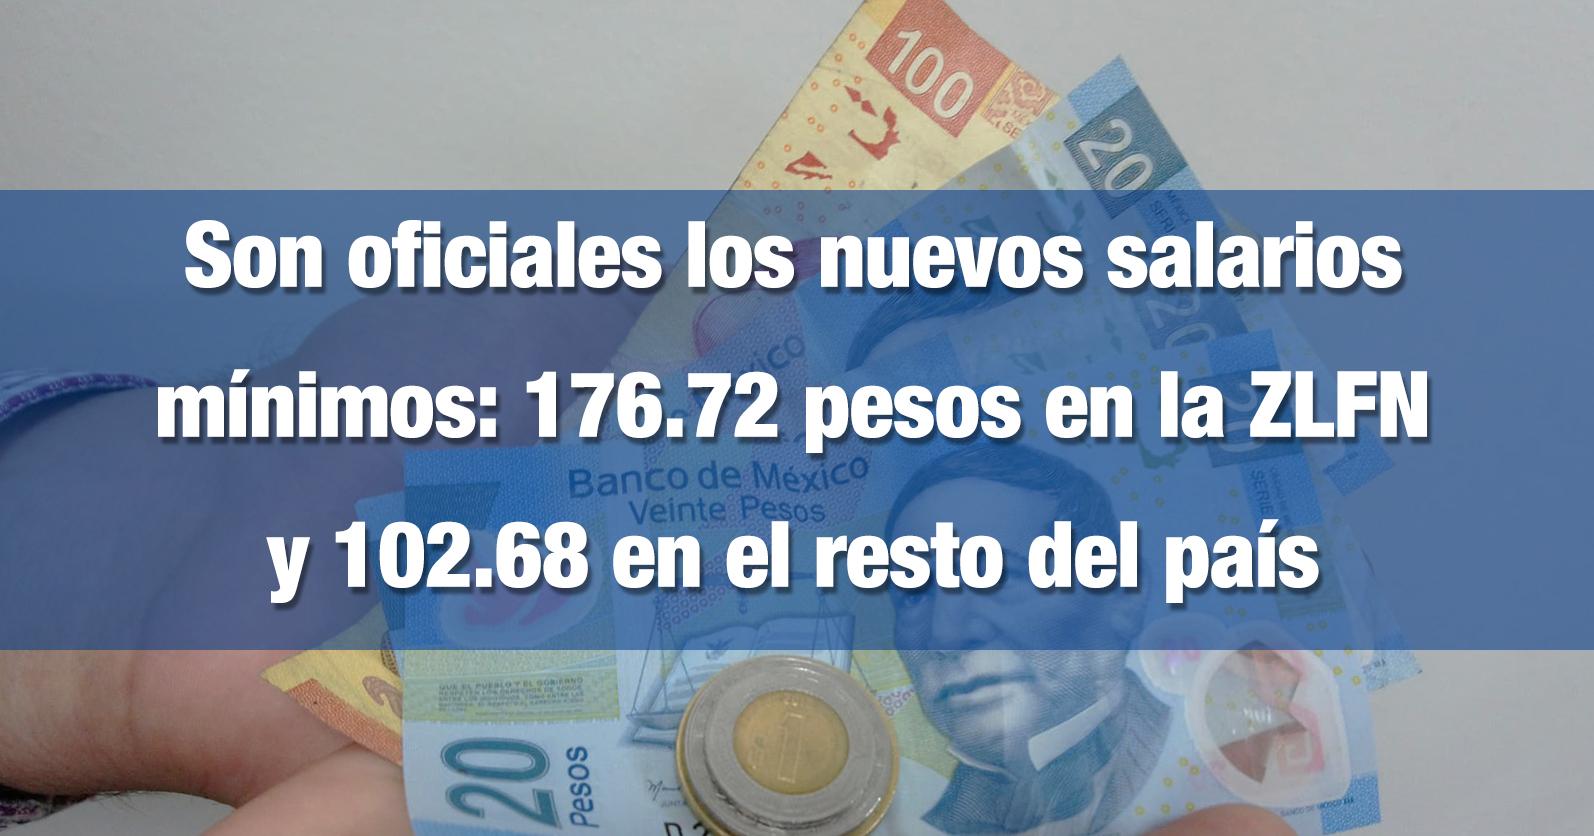 Son oficiales los nuevos salarios mínimos: 176.72 pesos en la ZLFN y 102.68 en el resto del país